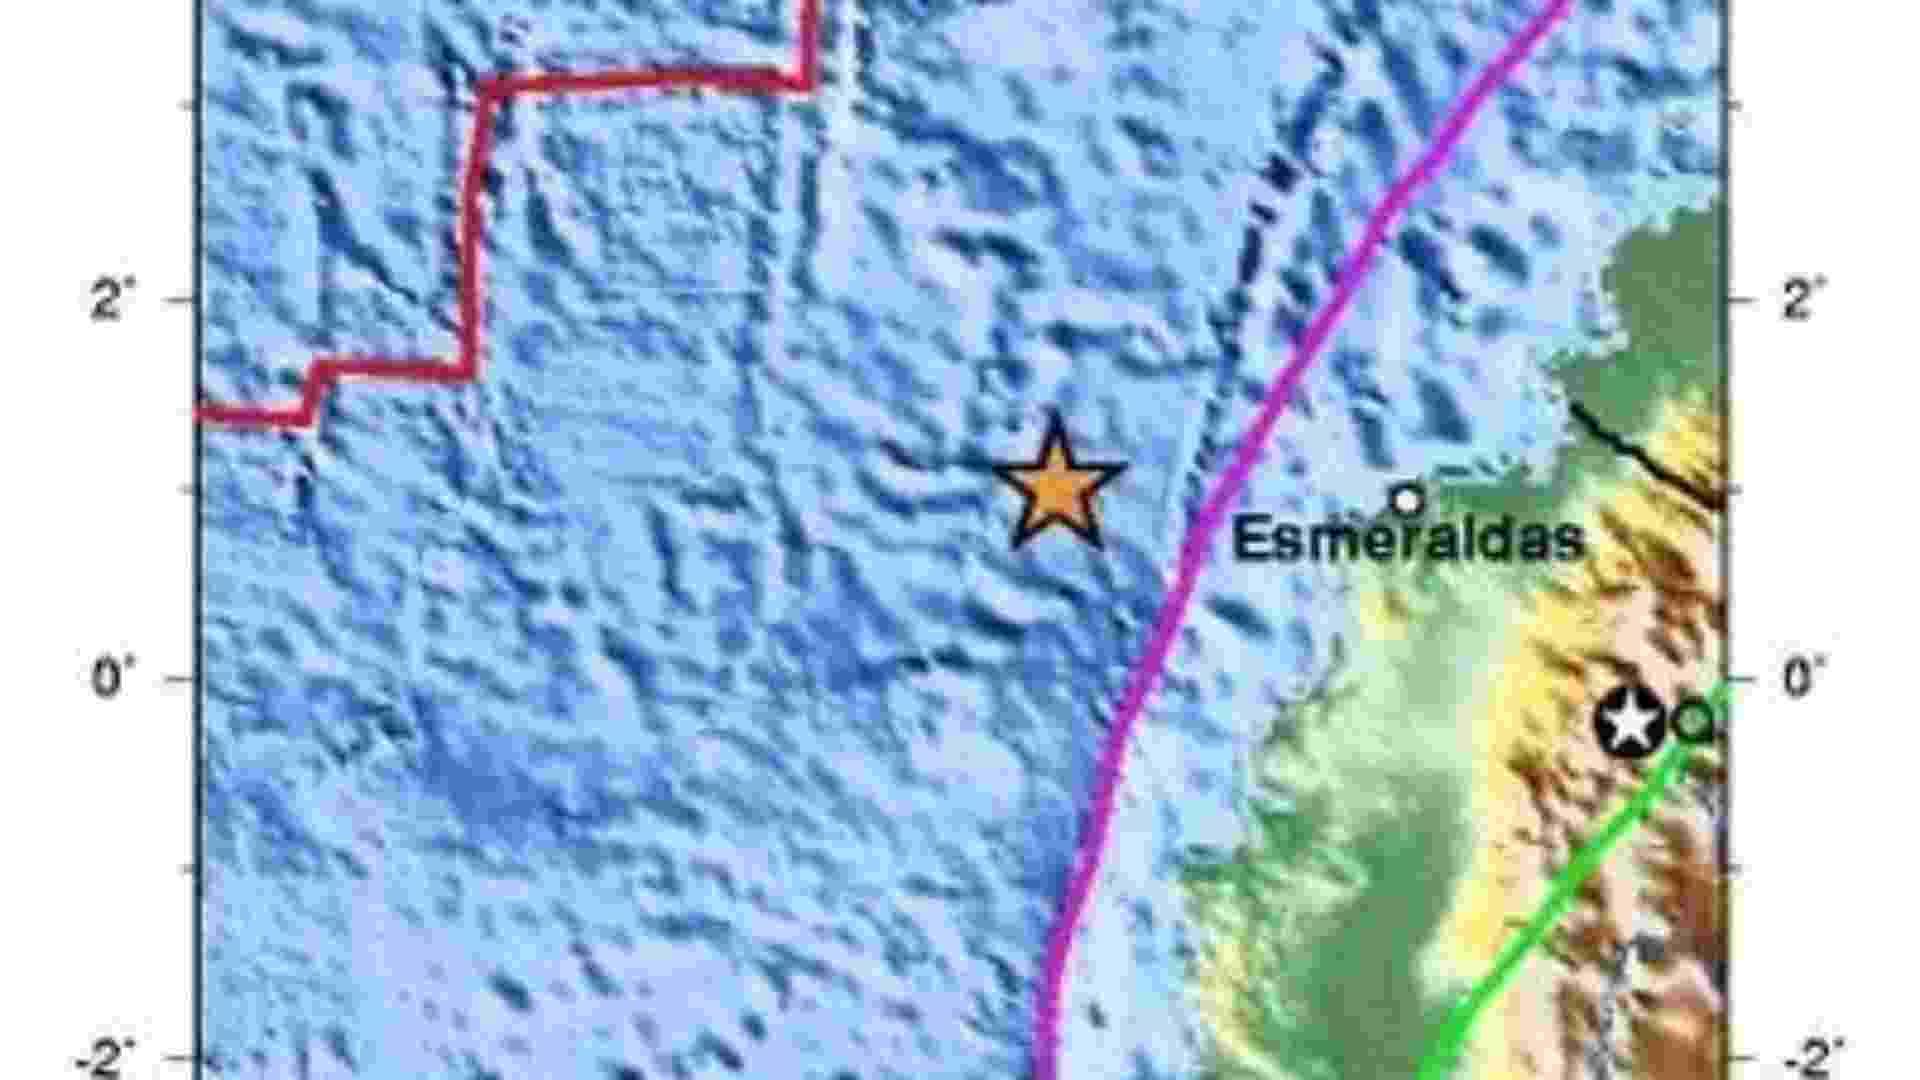 30.ago.2013 - O tremor de magnitude 8,8 atingiu a costa do Equador, perto da fronteira com a Colômbia, em 31 de janeiro de 1906, e matou entre 500 e 1.500 pessoas. O abalo chegou a ser sentido em San Francisco (EUA) e no Japão. - Wikimedia Commons